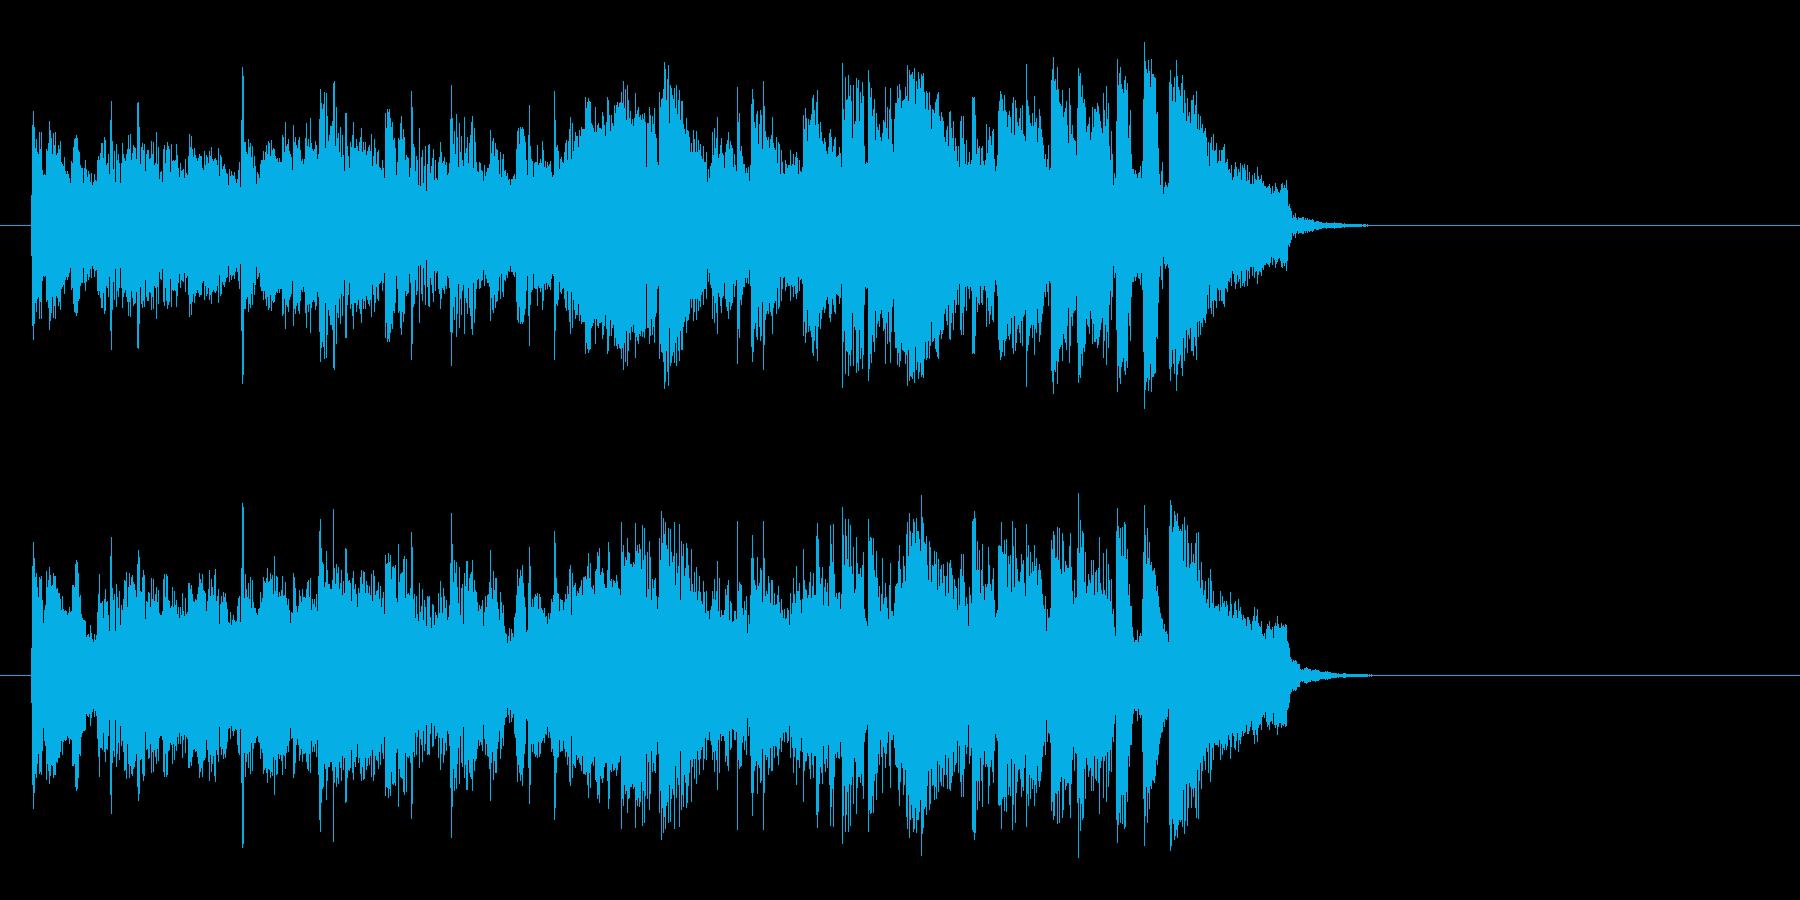 フュージョンバラード(イントロ)の再生済みの波形